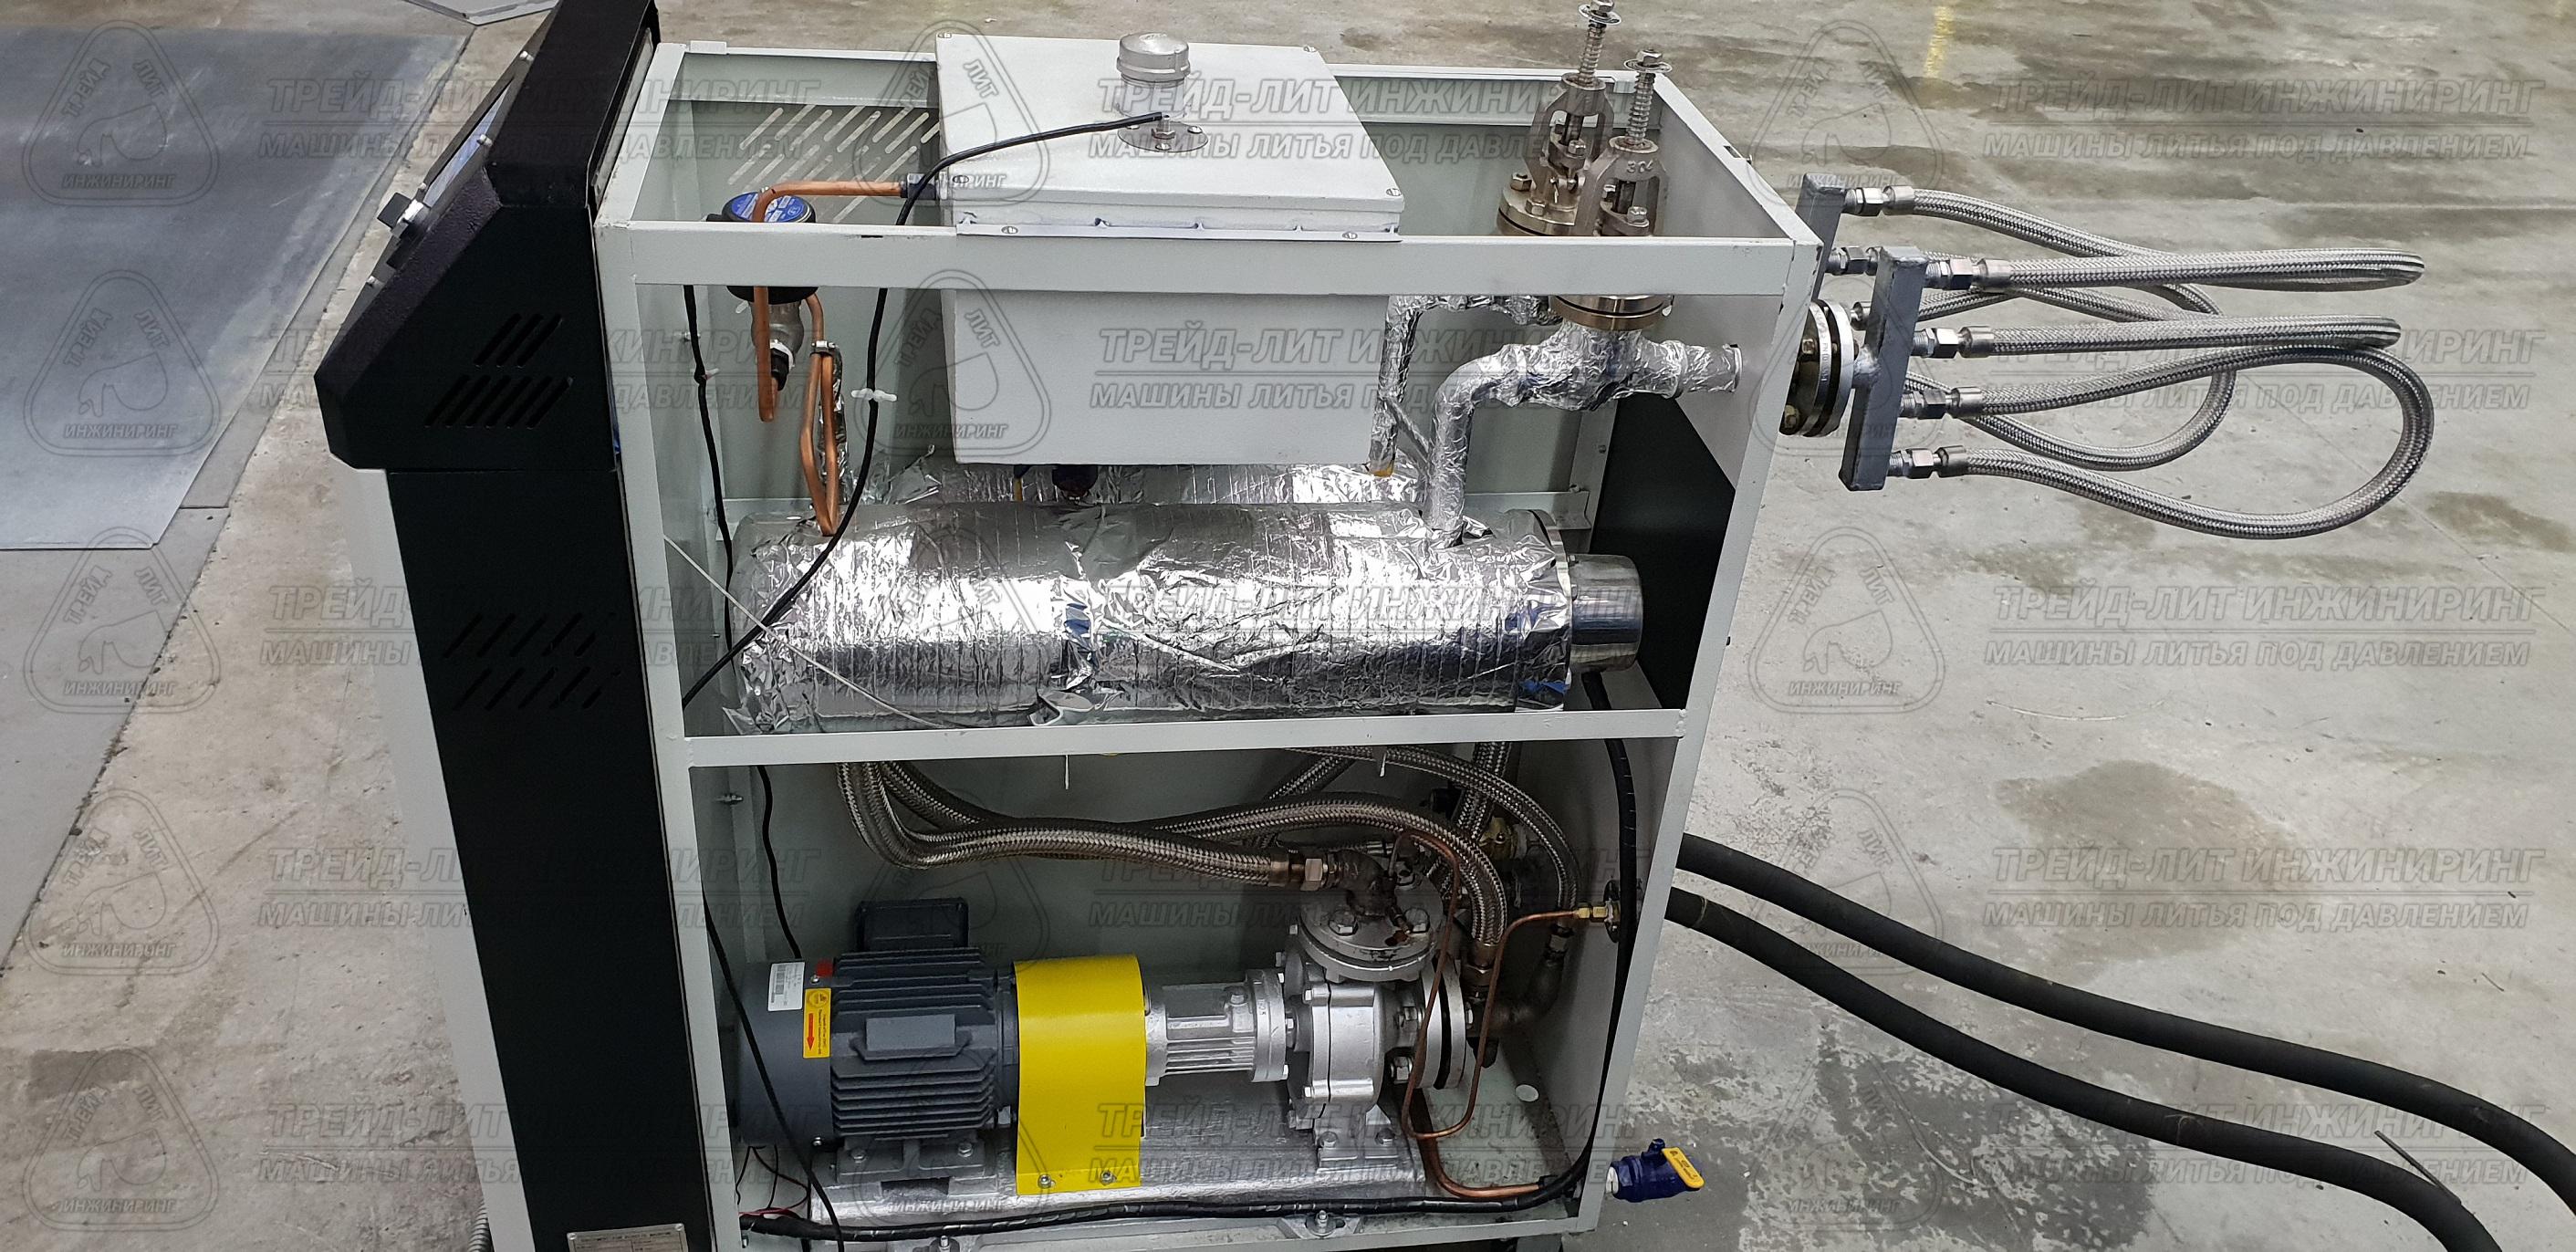 Термостат со снятыми крышками, в процессе опрессовки перед вводом в эксплуатацию в составе автоматизированного комплекса литья под давлением MS160